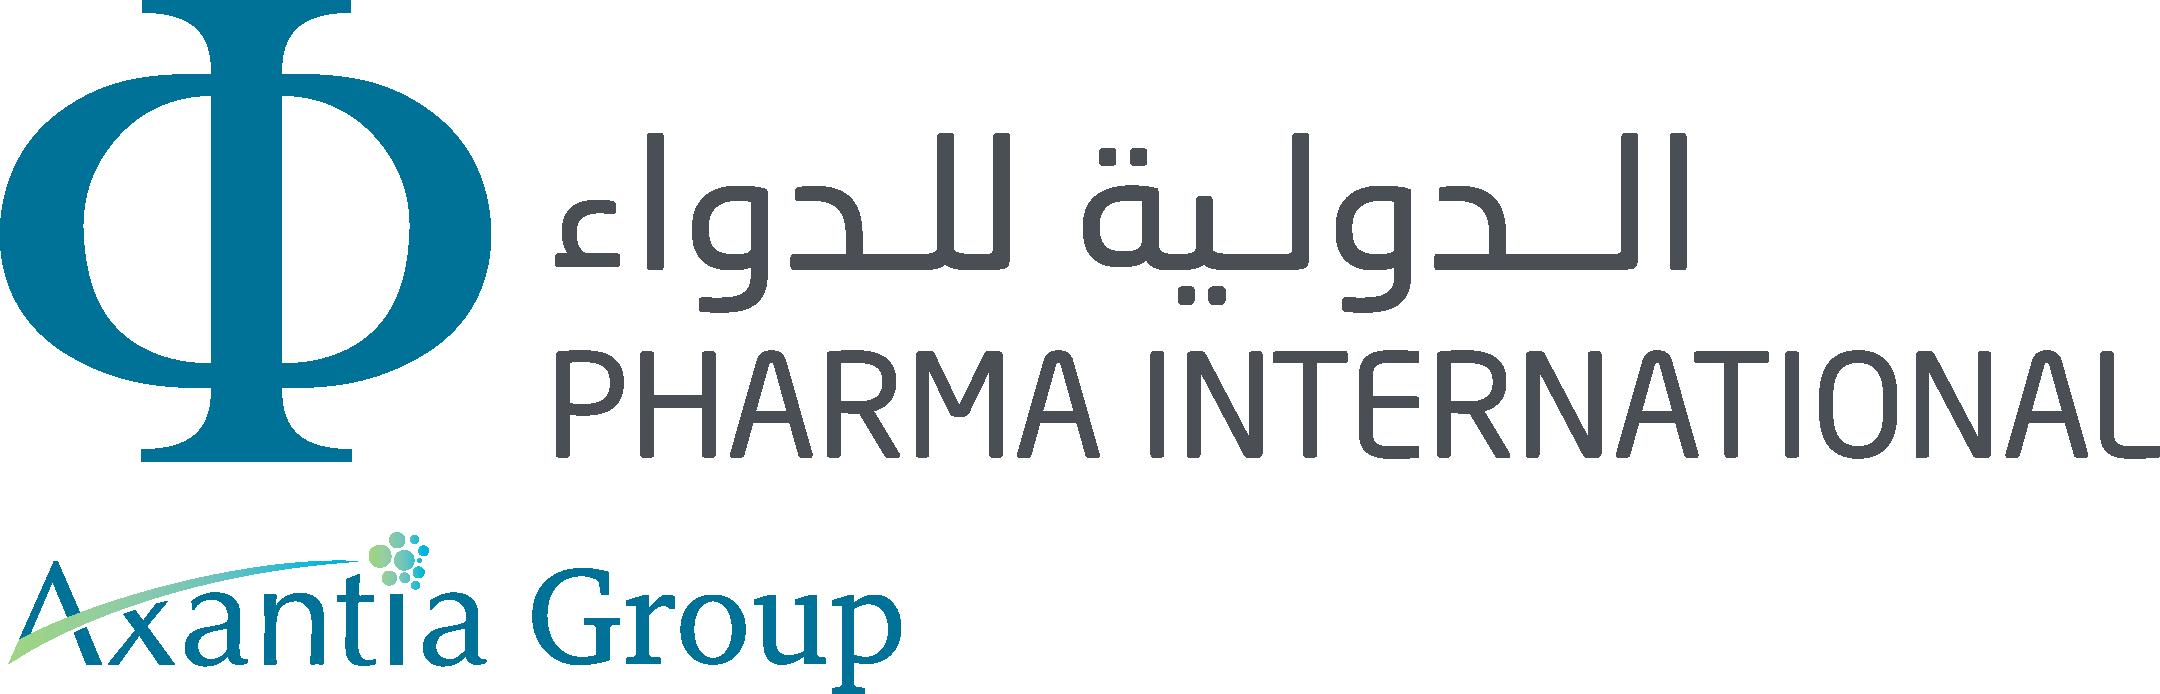 Pharma International - Axantia Group